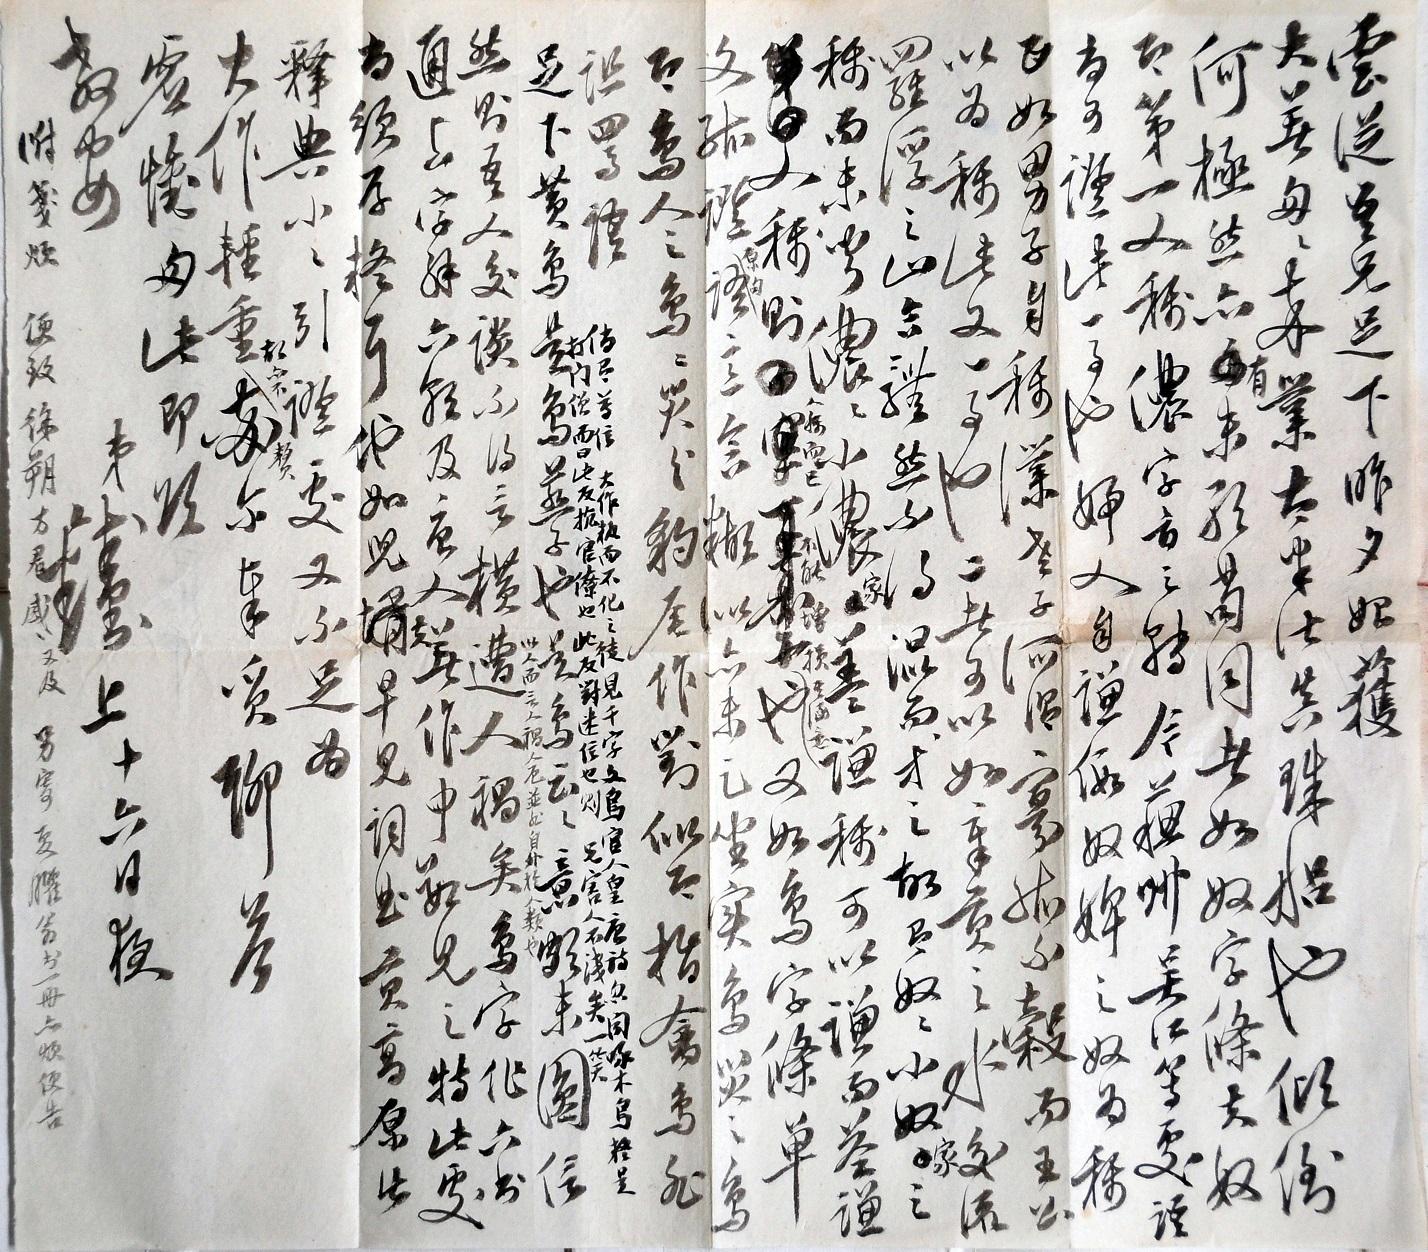 (学人_9.25头条)蒋礼鸿与蓝田国立师(5034117)-20210928171224.jpg